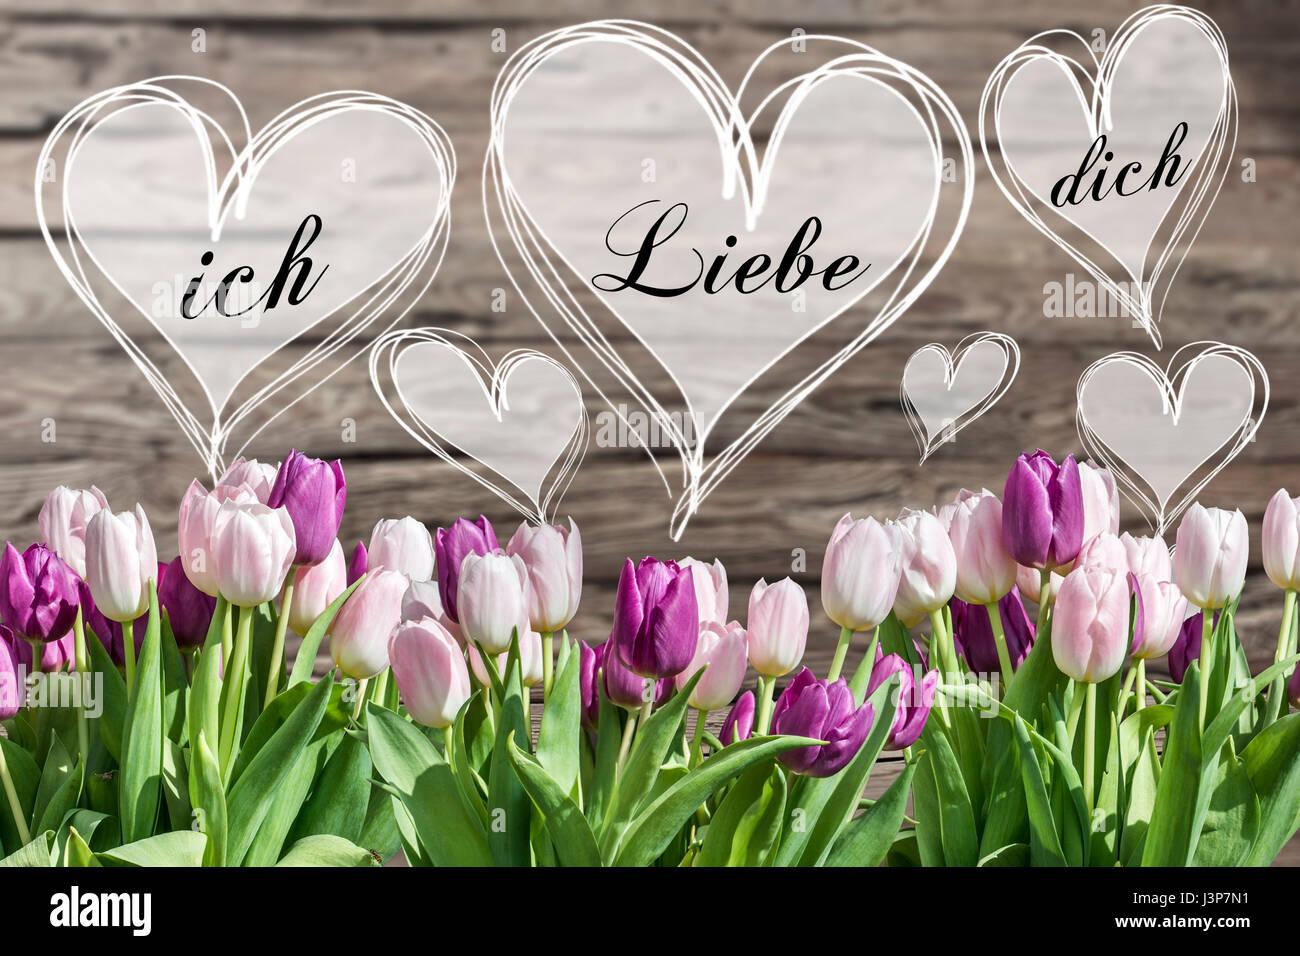 Bouquet von weißen und rosa Tulpen und Herz-Rahmen mit deutschen ...